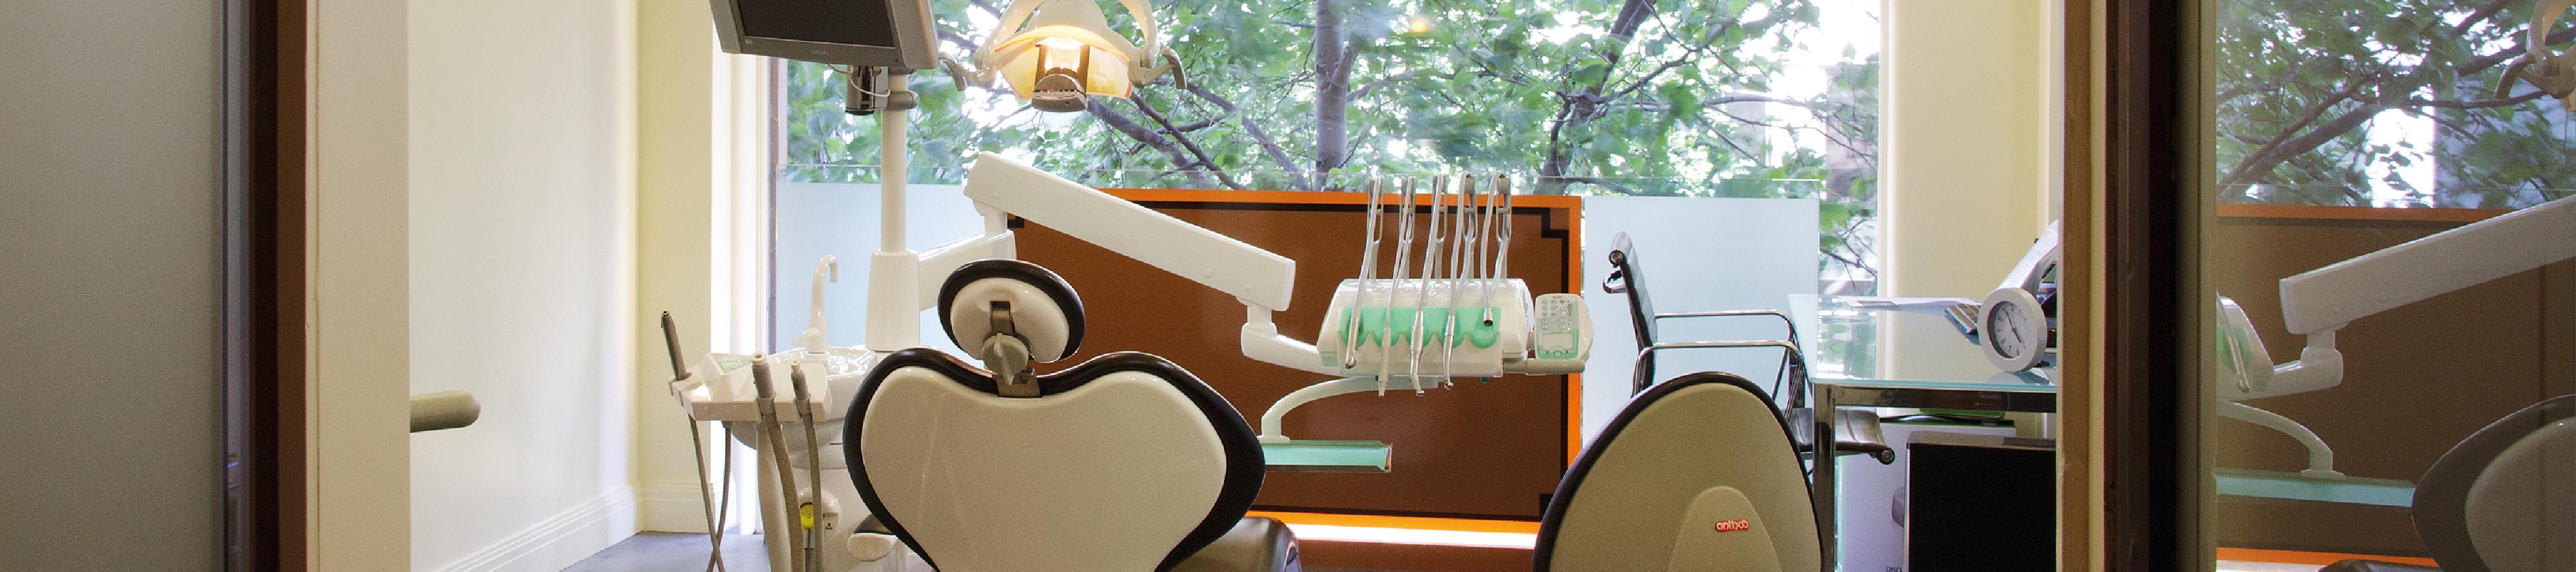 Melbourne Laser Dentistry Banner